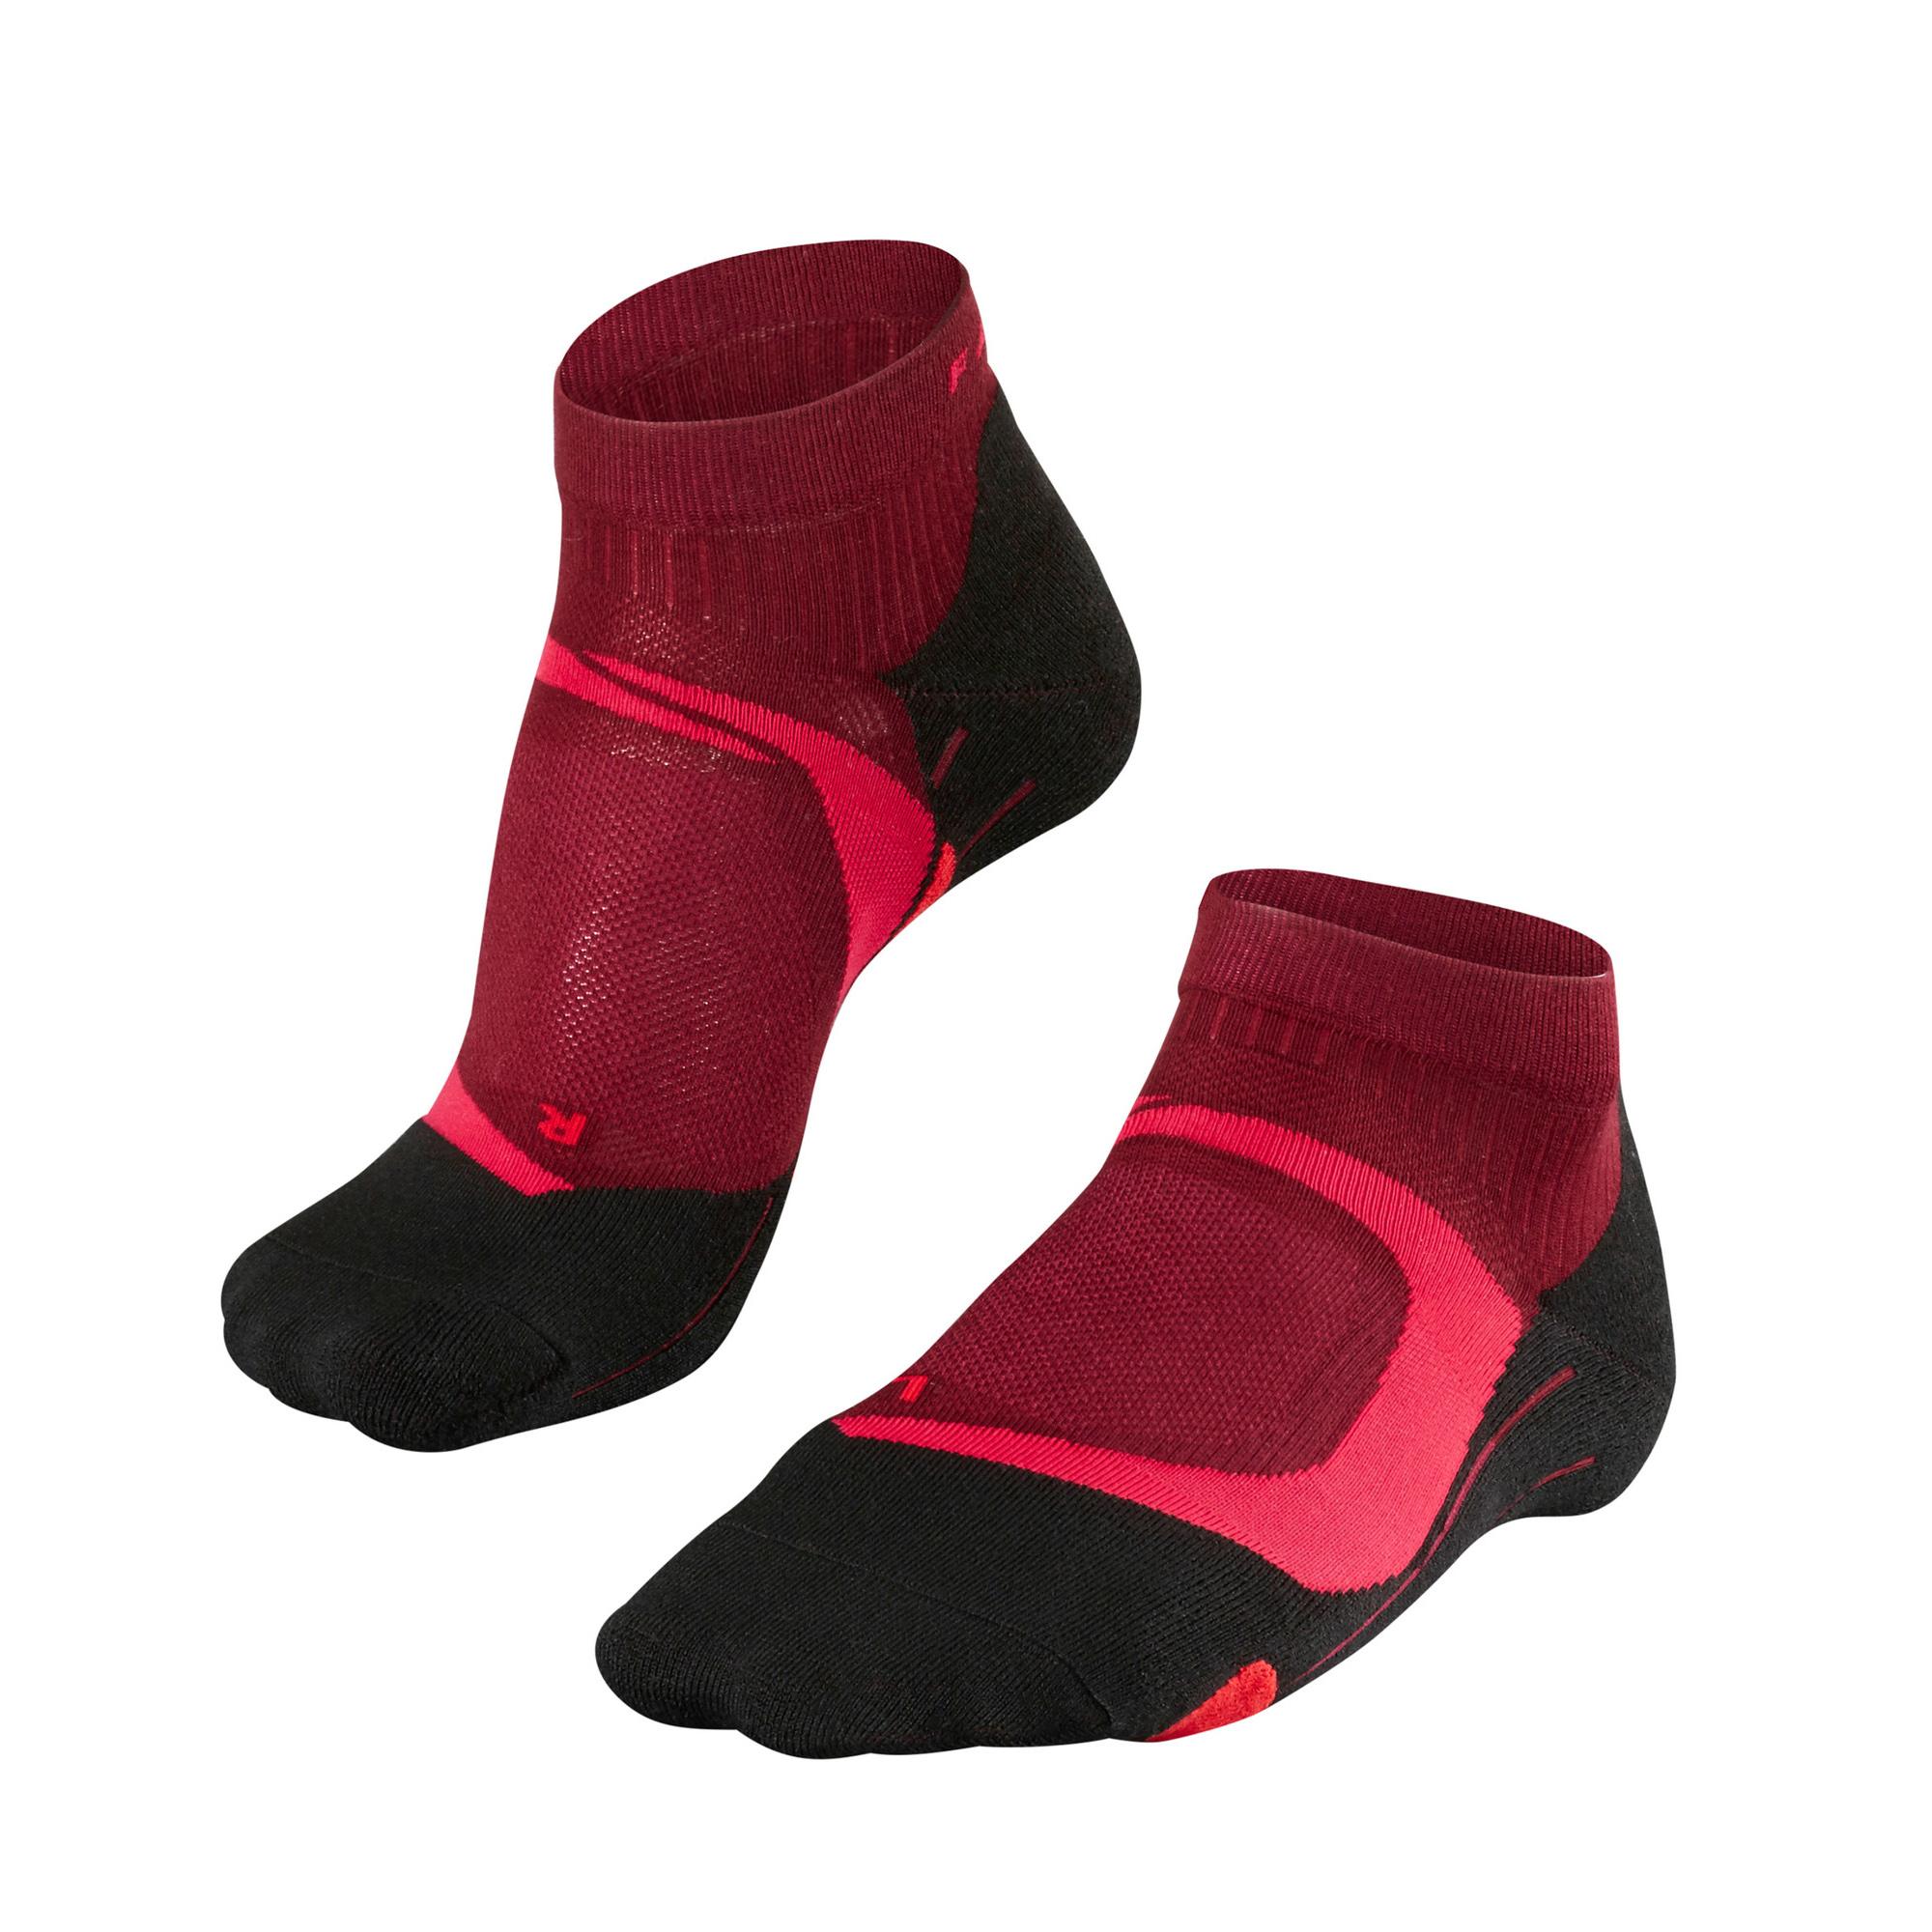 Falke Damen Running Socken RU4 Cushion Short 16717-8117 35-36